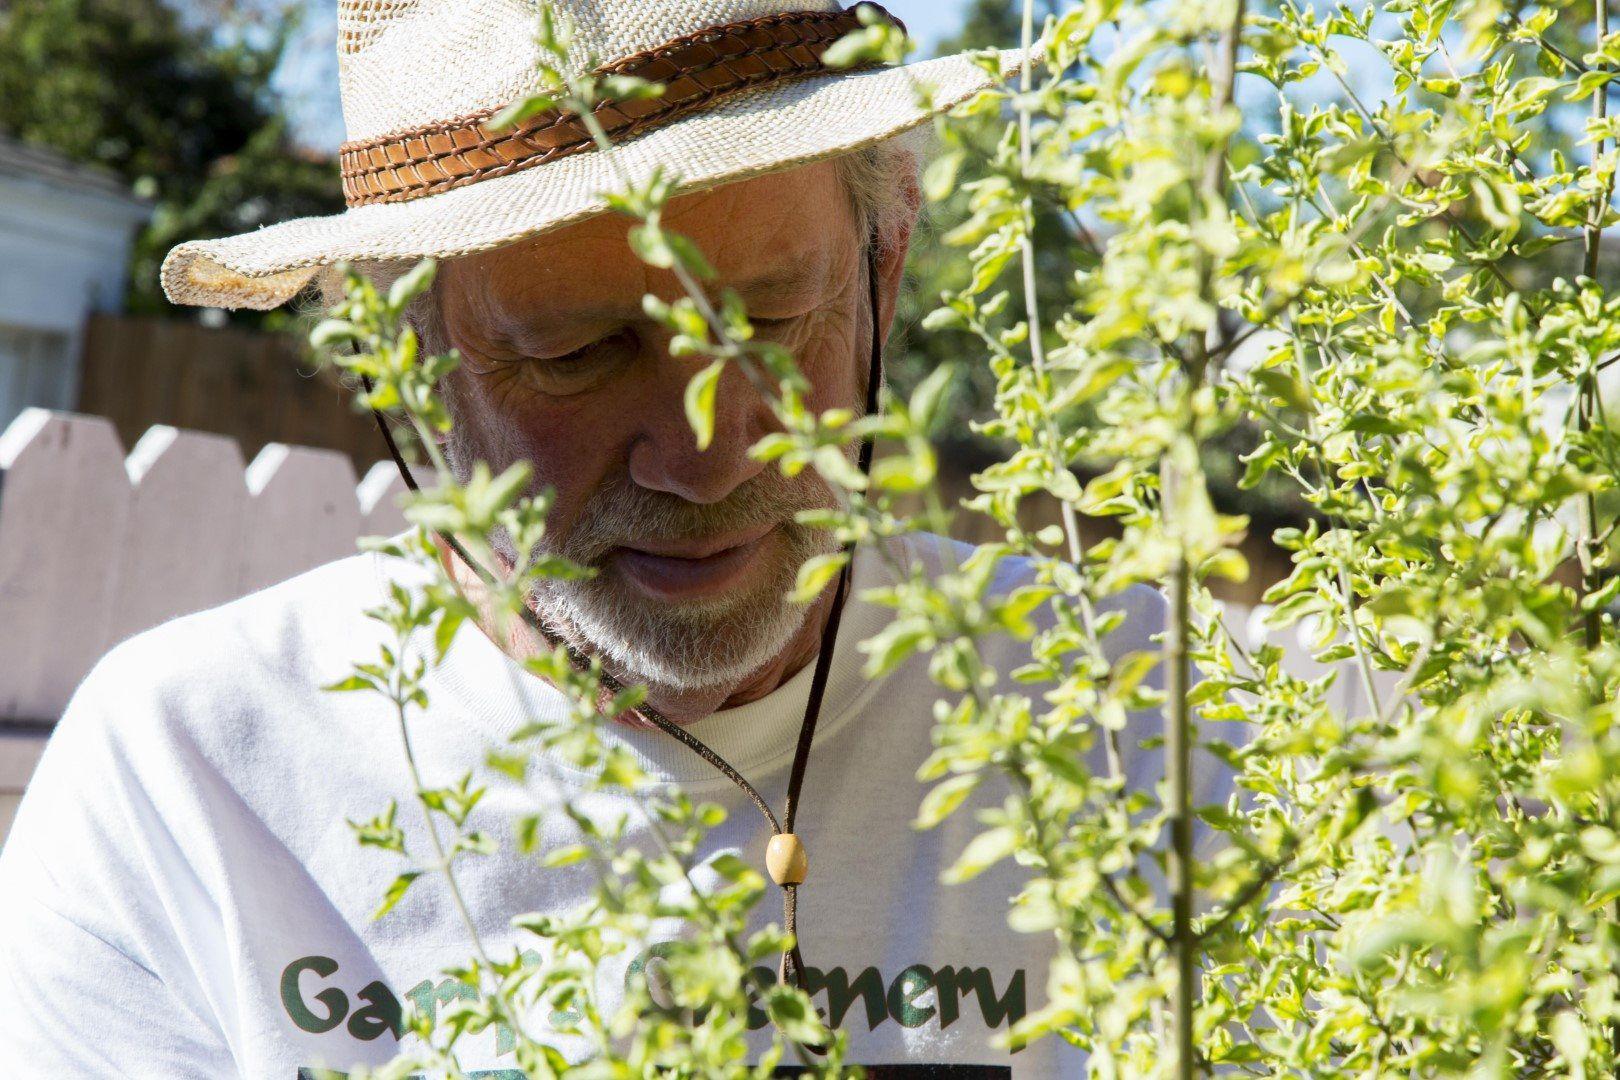 Gary's Greenery